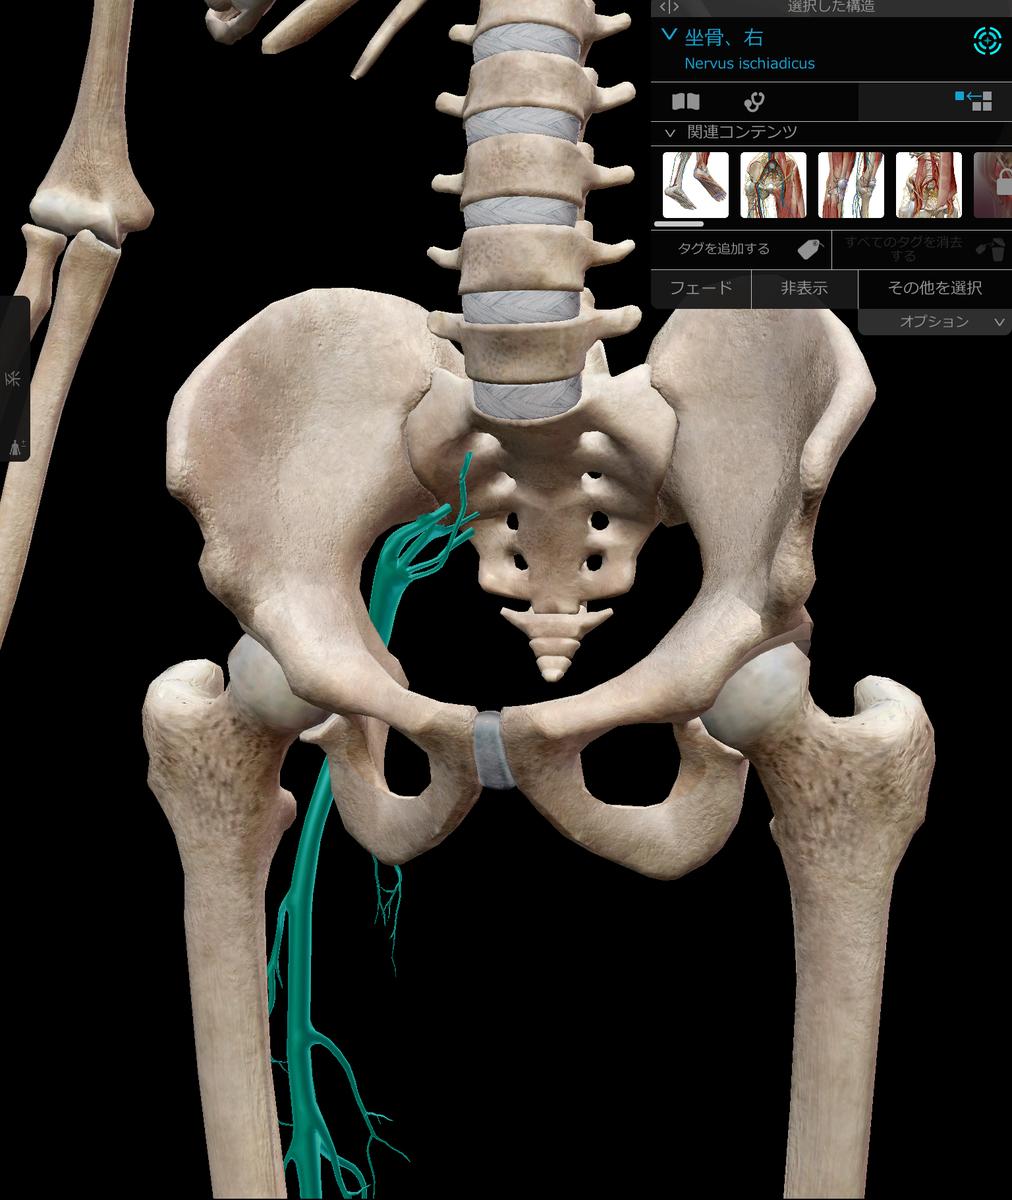 骨盤と坐骨神経